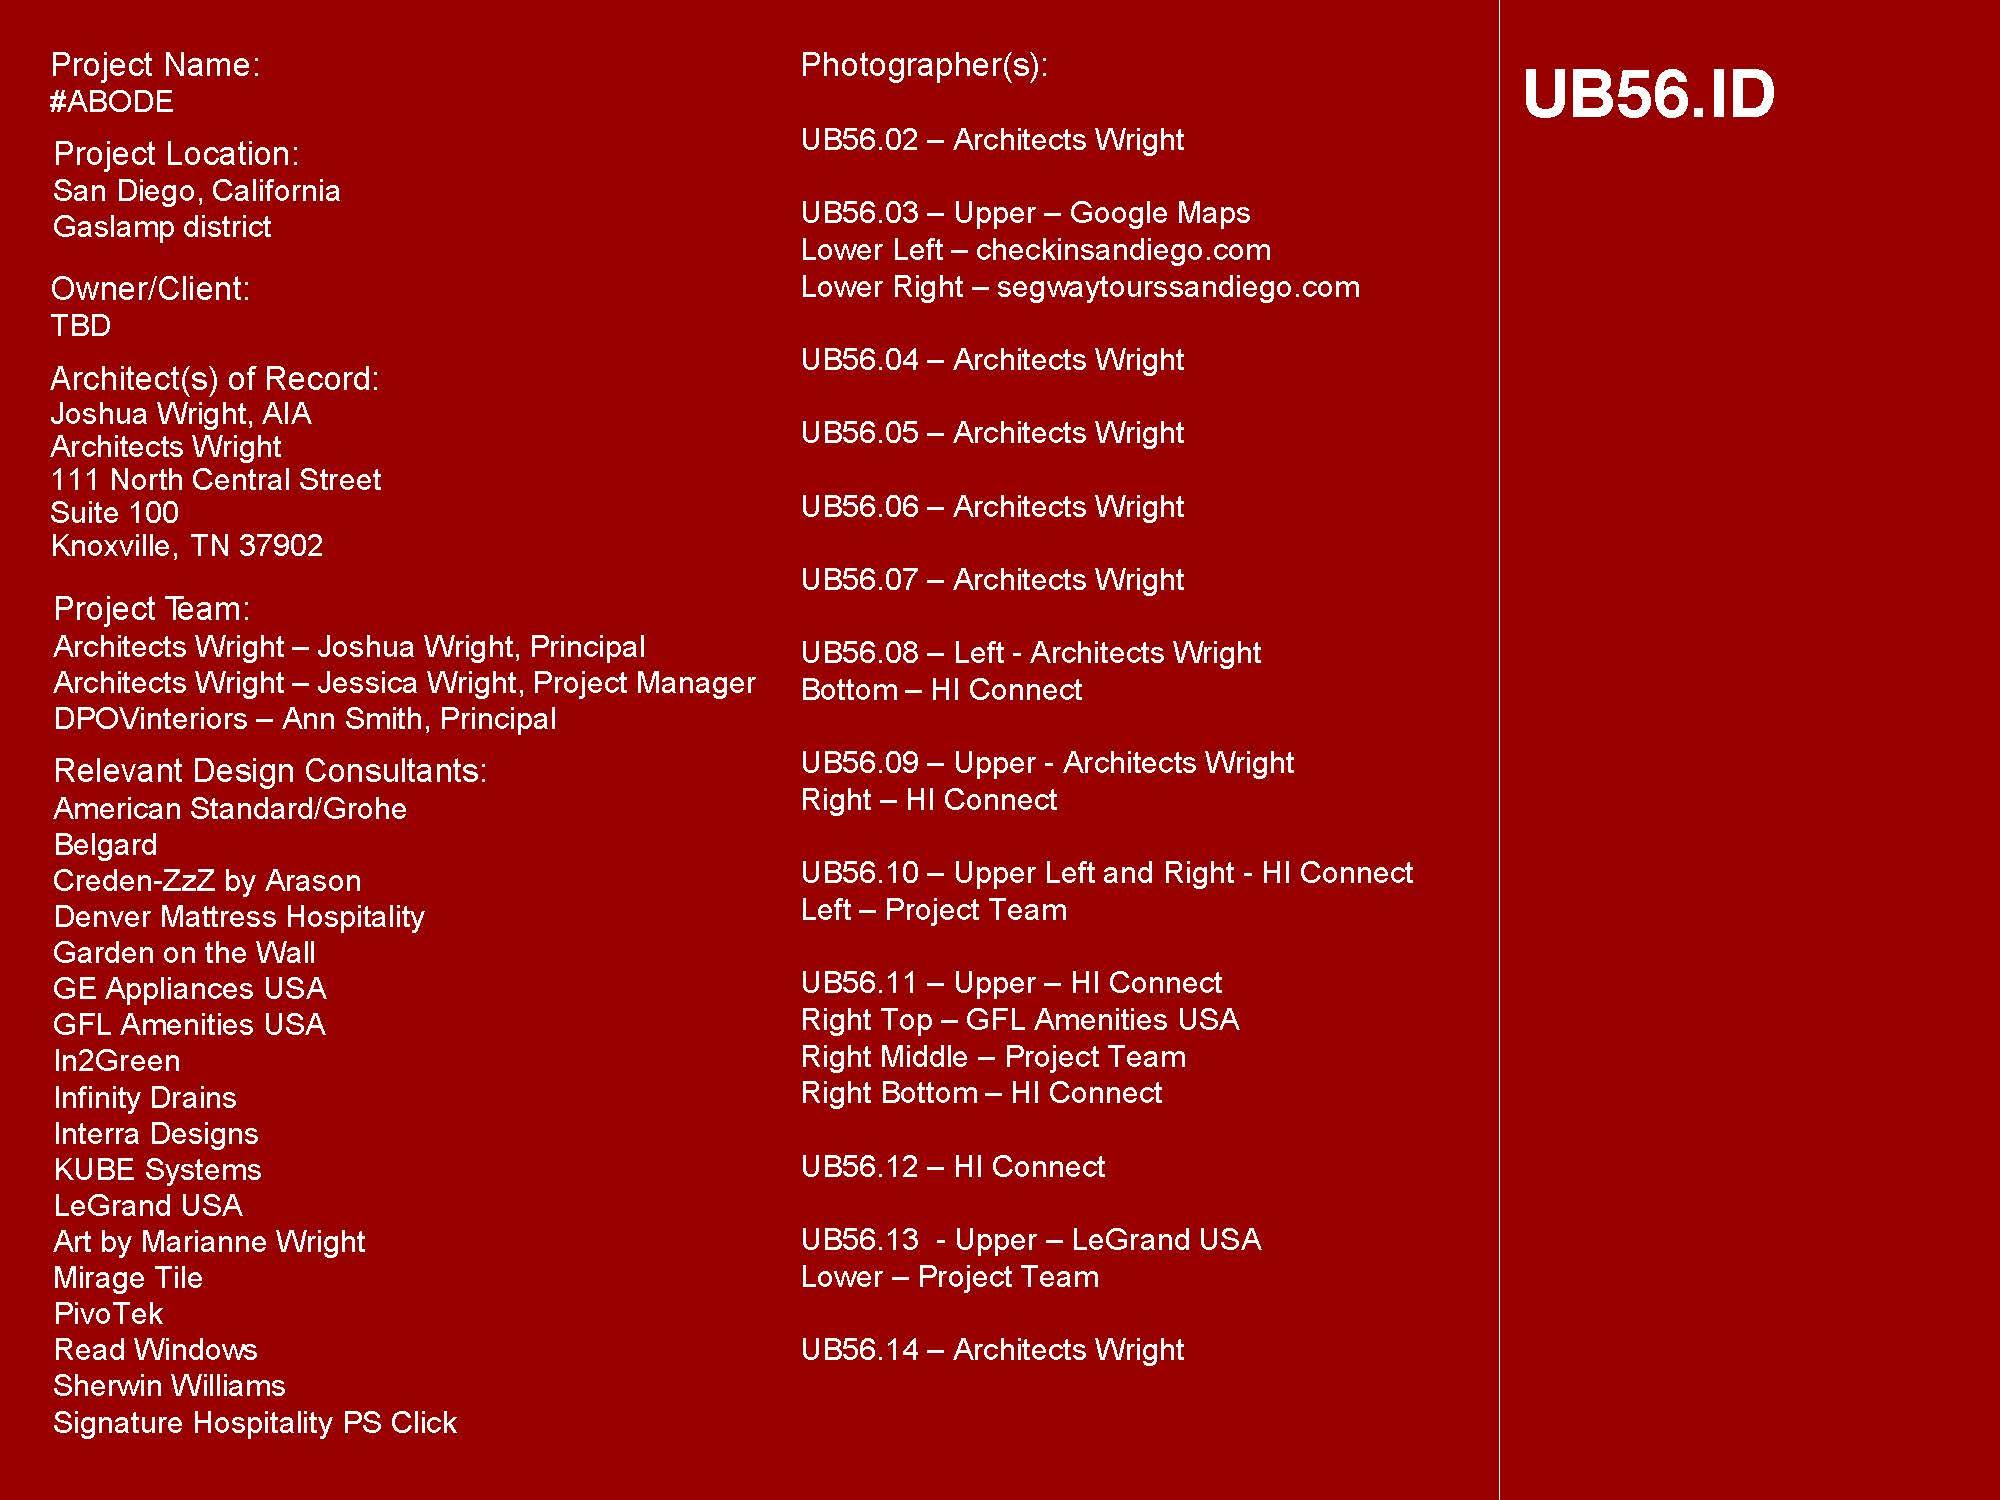 ub56-id